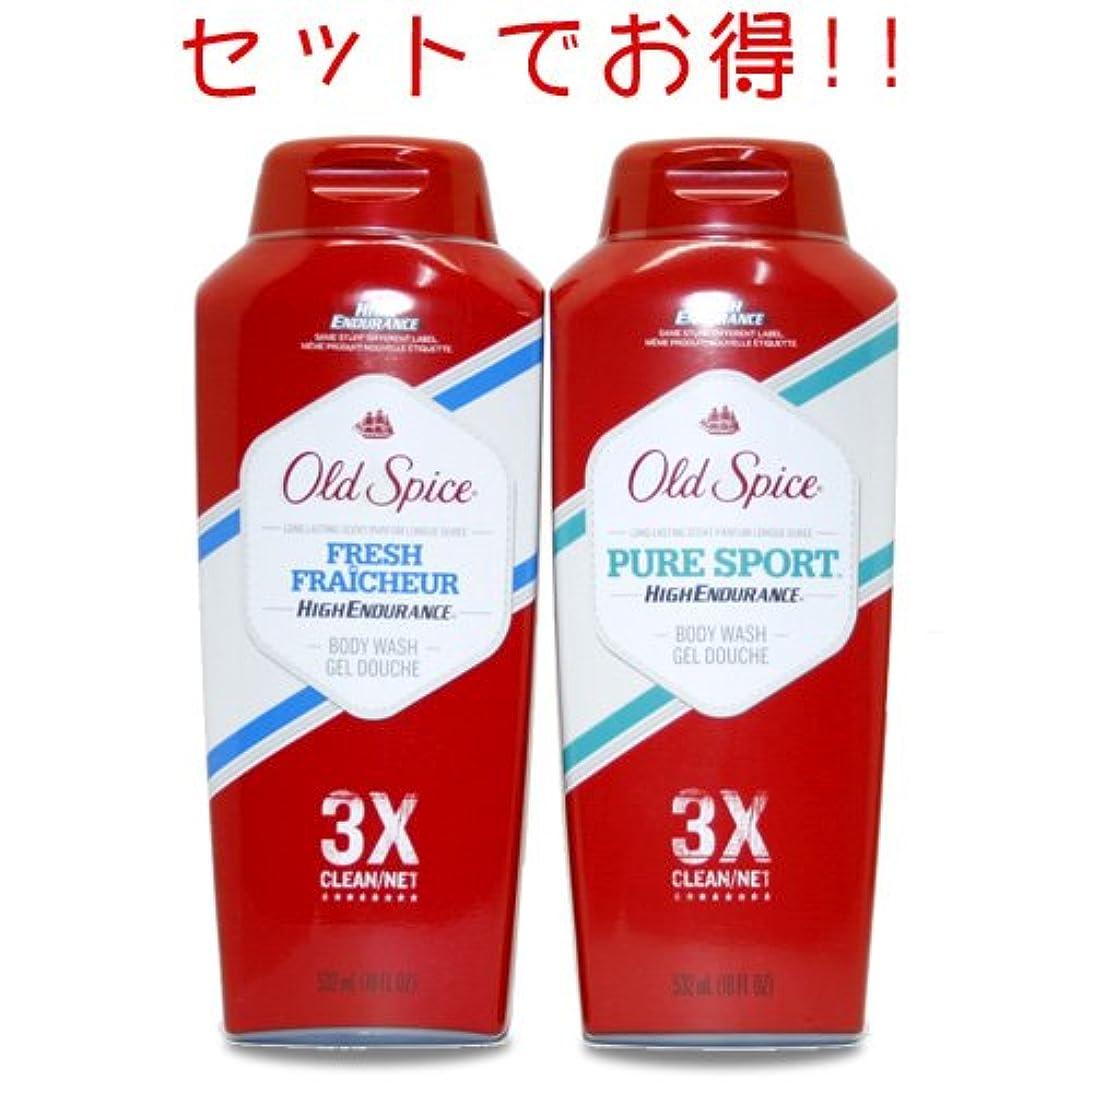 プロペラほうきケーキ【Old Spice】オールドスパイス HEボディウォッシュ 532ml お試し2種セット